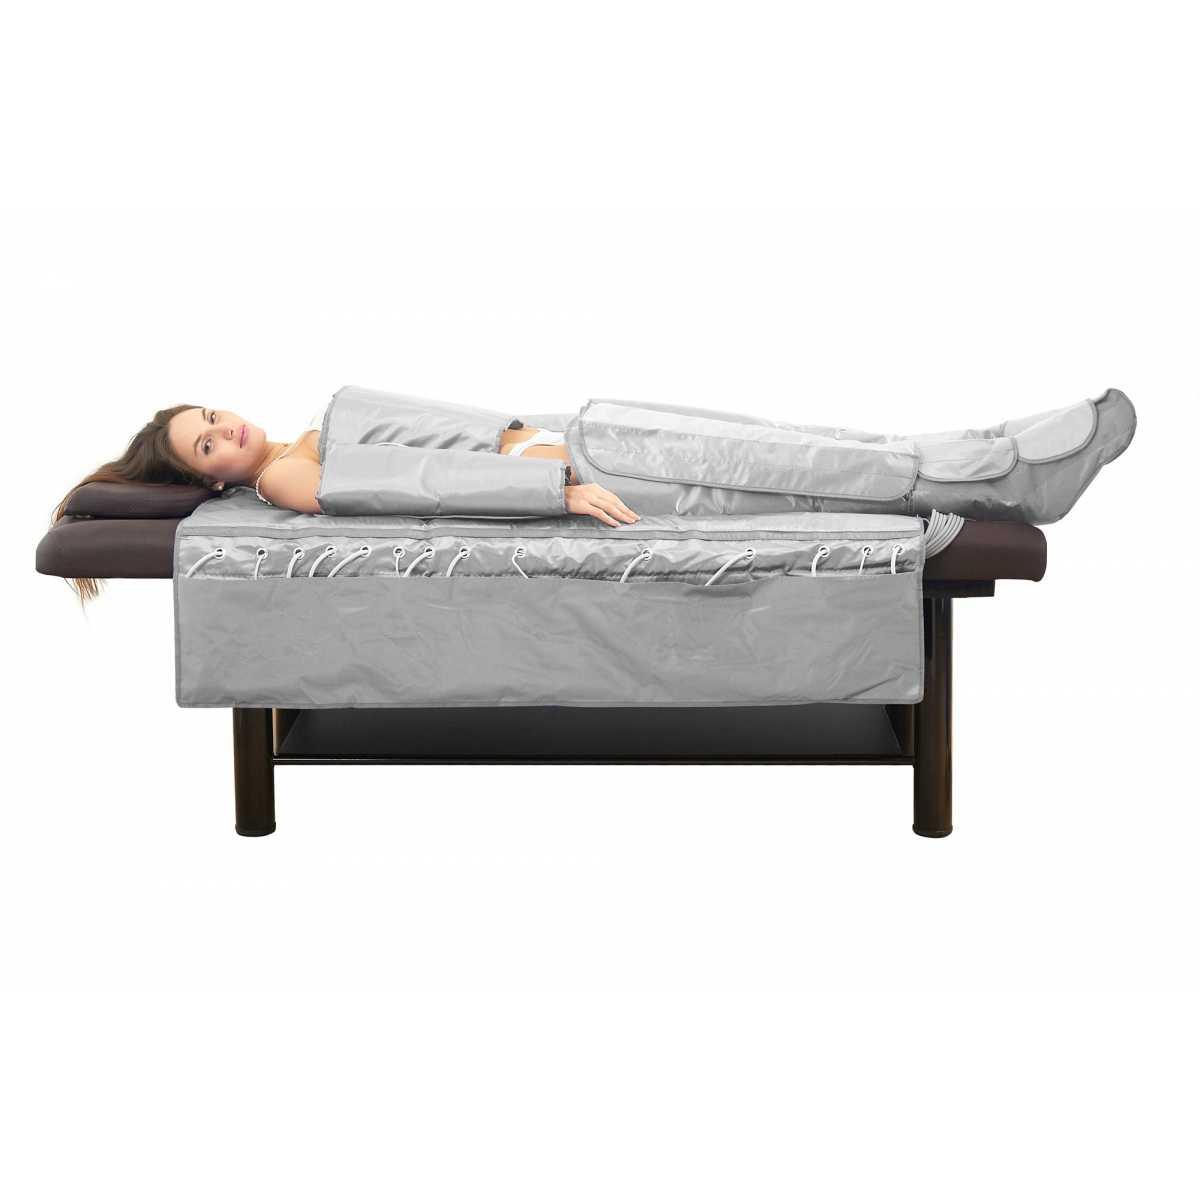 Pressoterapia 3 in 1 con Electroestimulacion e Sauna Premium Digitali - Attrezzature Di